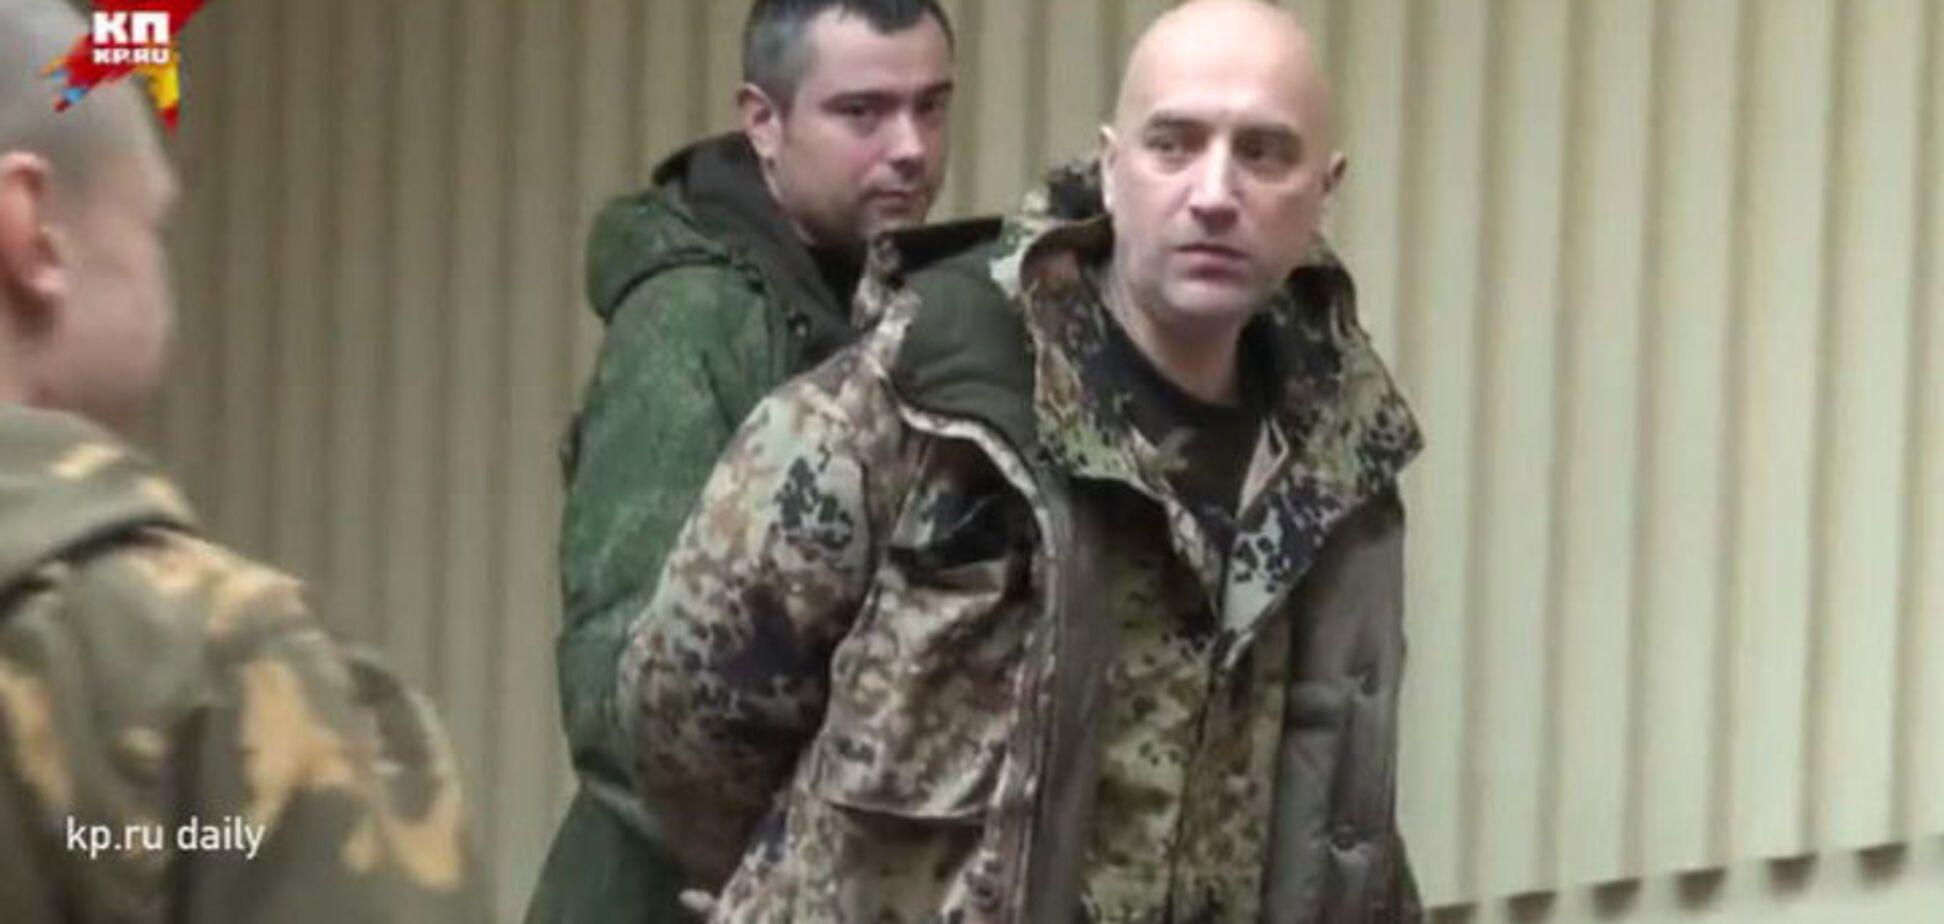 'Взял Киев — можно на покой': в сети высмеяли бегство Прилепина из 'ДНР'